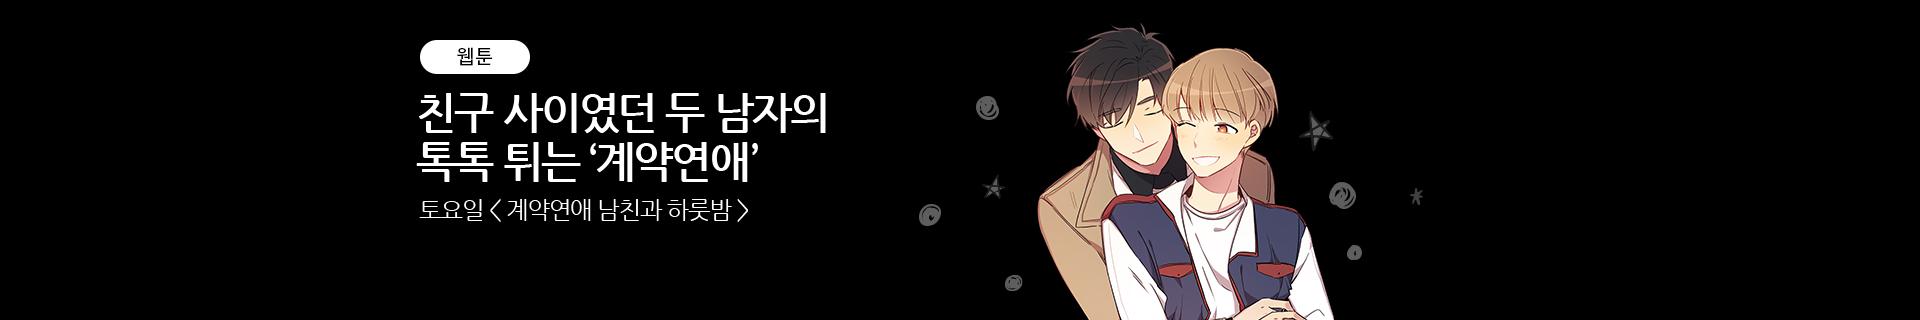 PC_sub_bn_웹툰_계약연애남친과하룻밤_1920x320.jpg